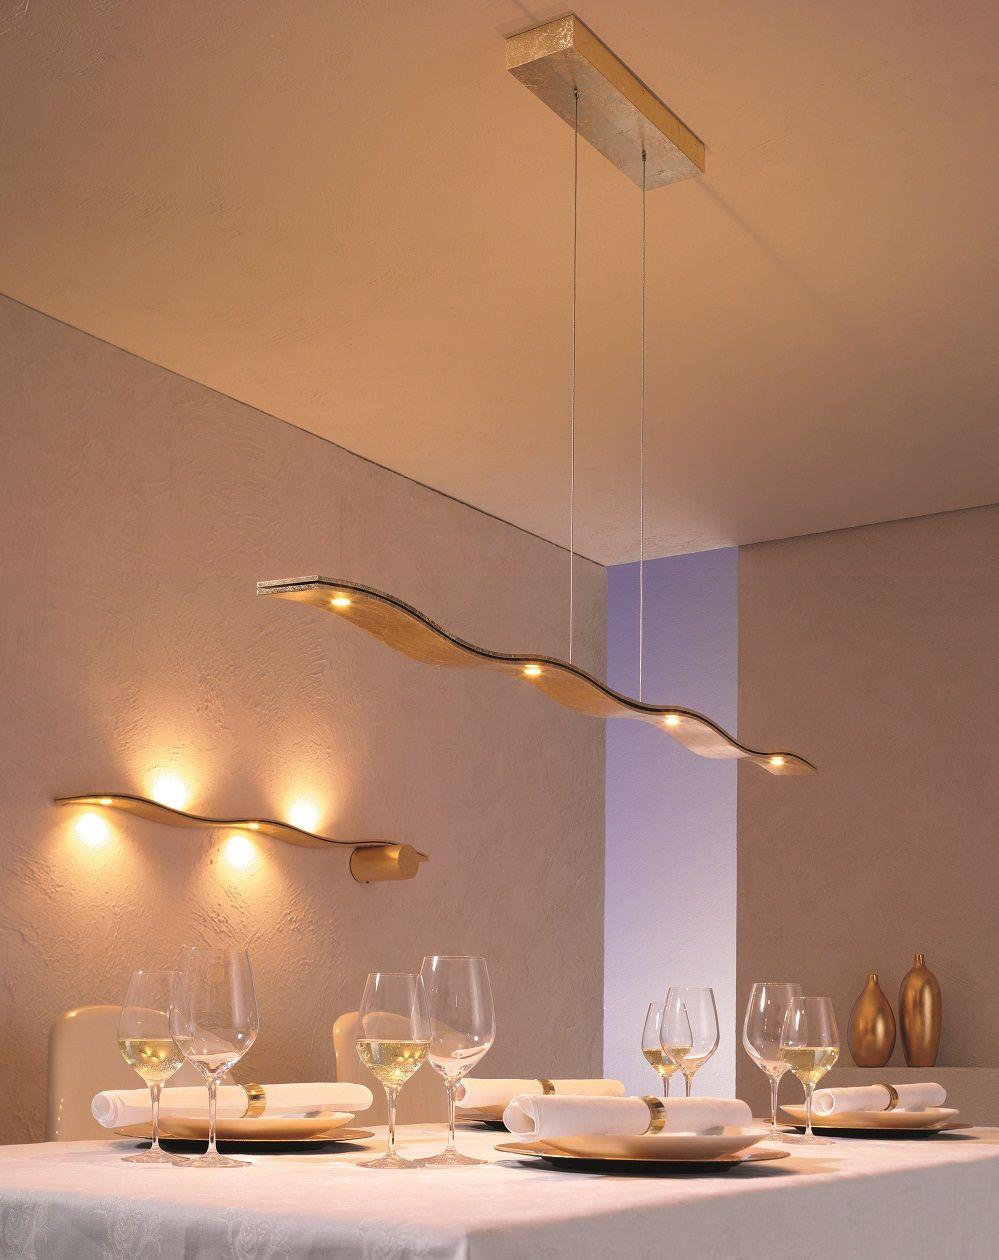 Angenehme Lichtatmosphäre am Esstisch mit modernen Pendelleuchten ...